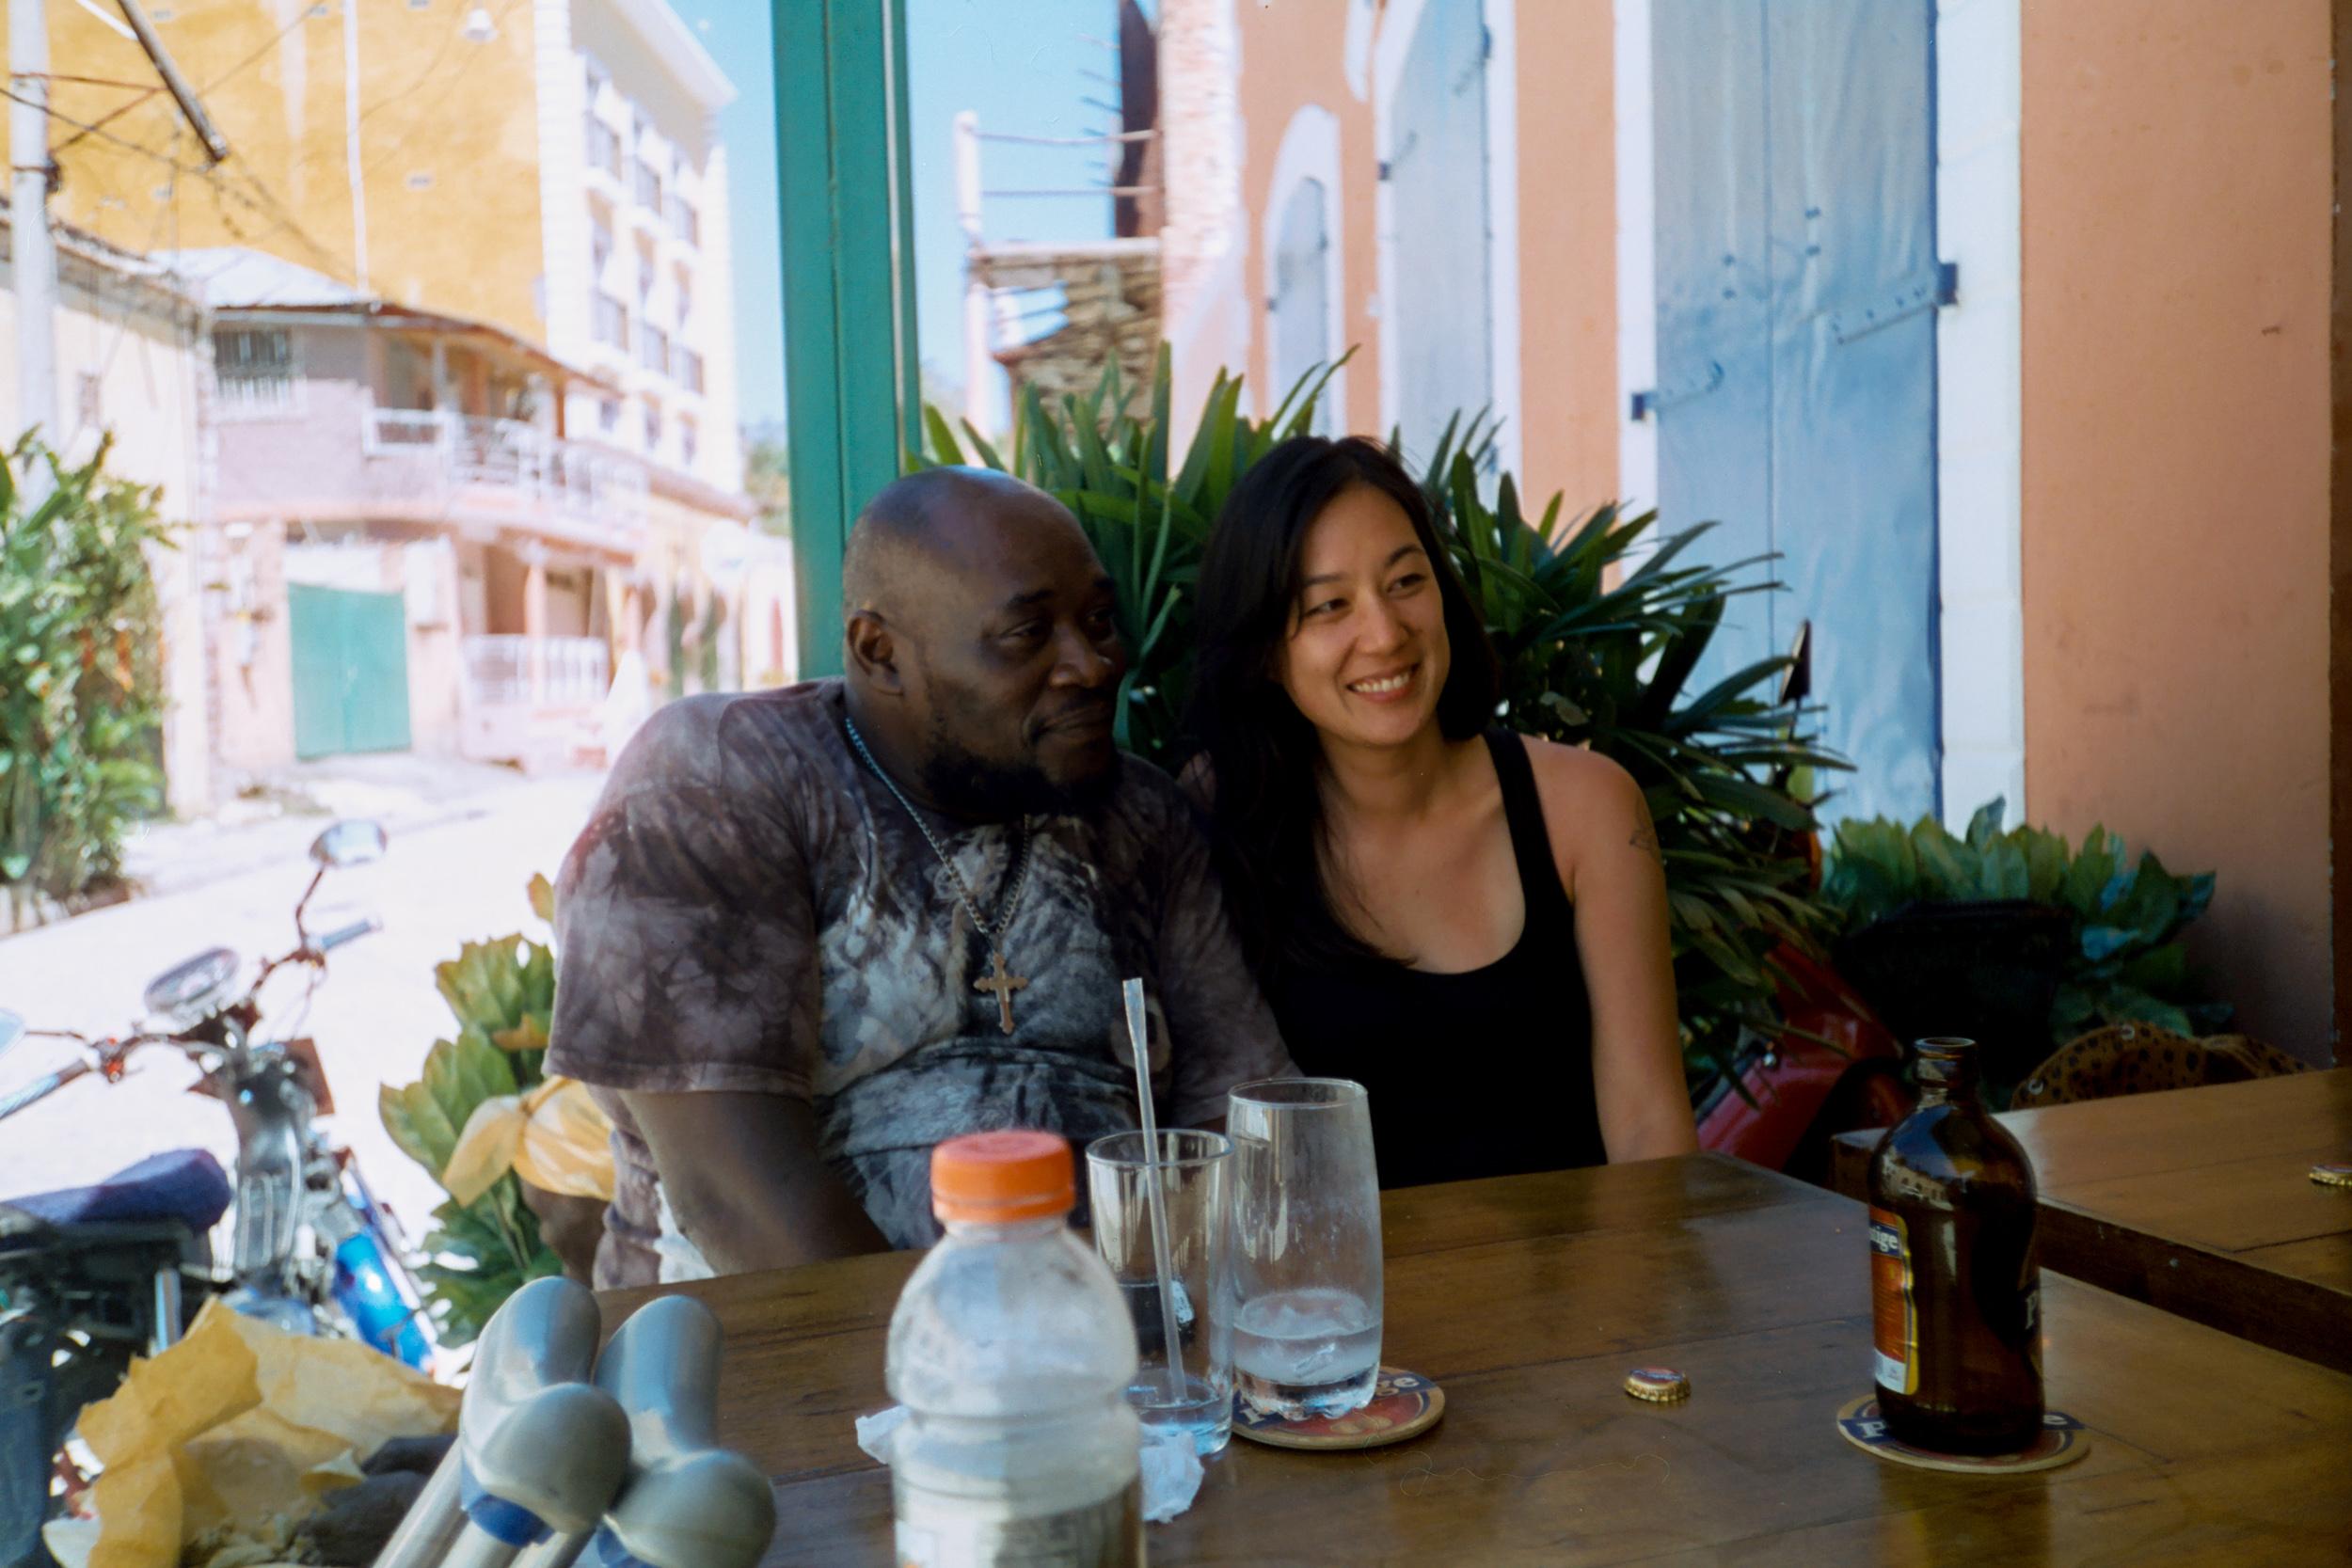 Jakson and Jenny at a cafe in Jacmel